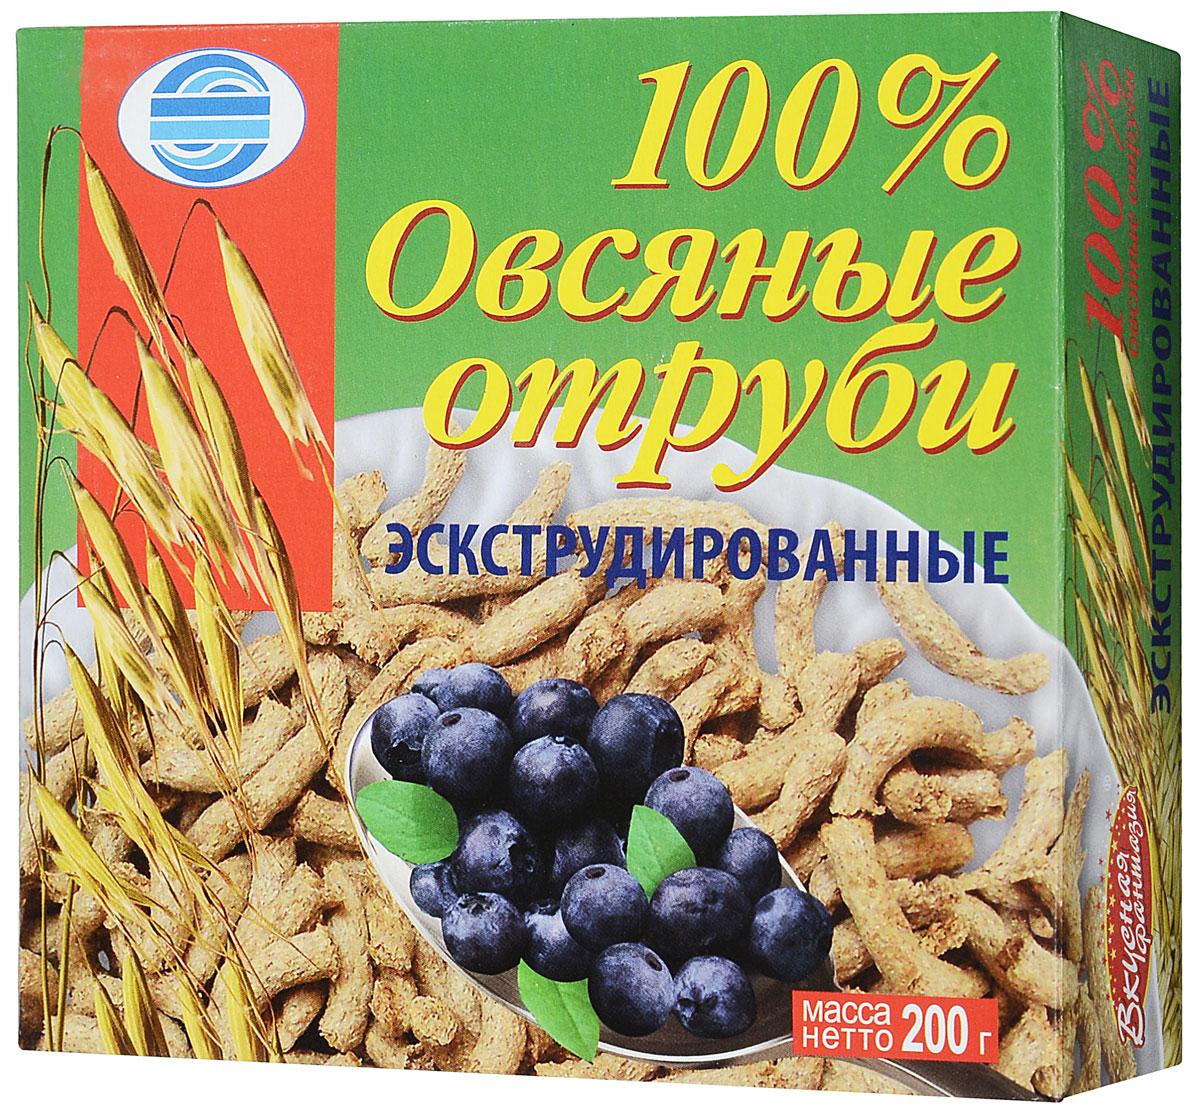 Вкусная фантазия отруби овсяные, 200 г сибирская клетчатка sk fiberia sport фитококтейль клетчатка клубника 350 г